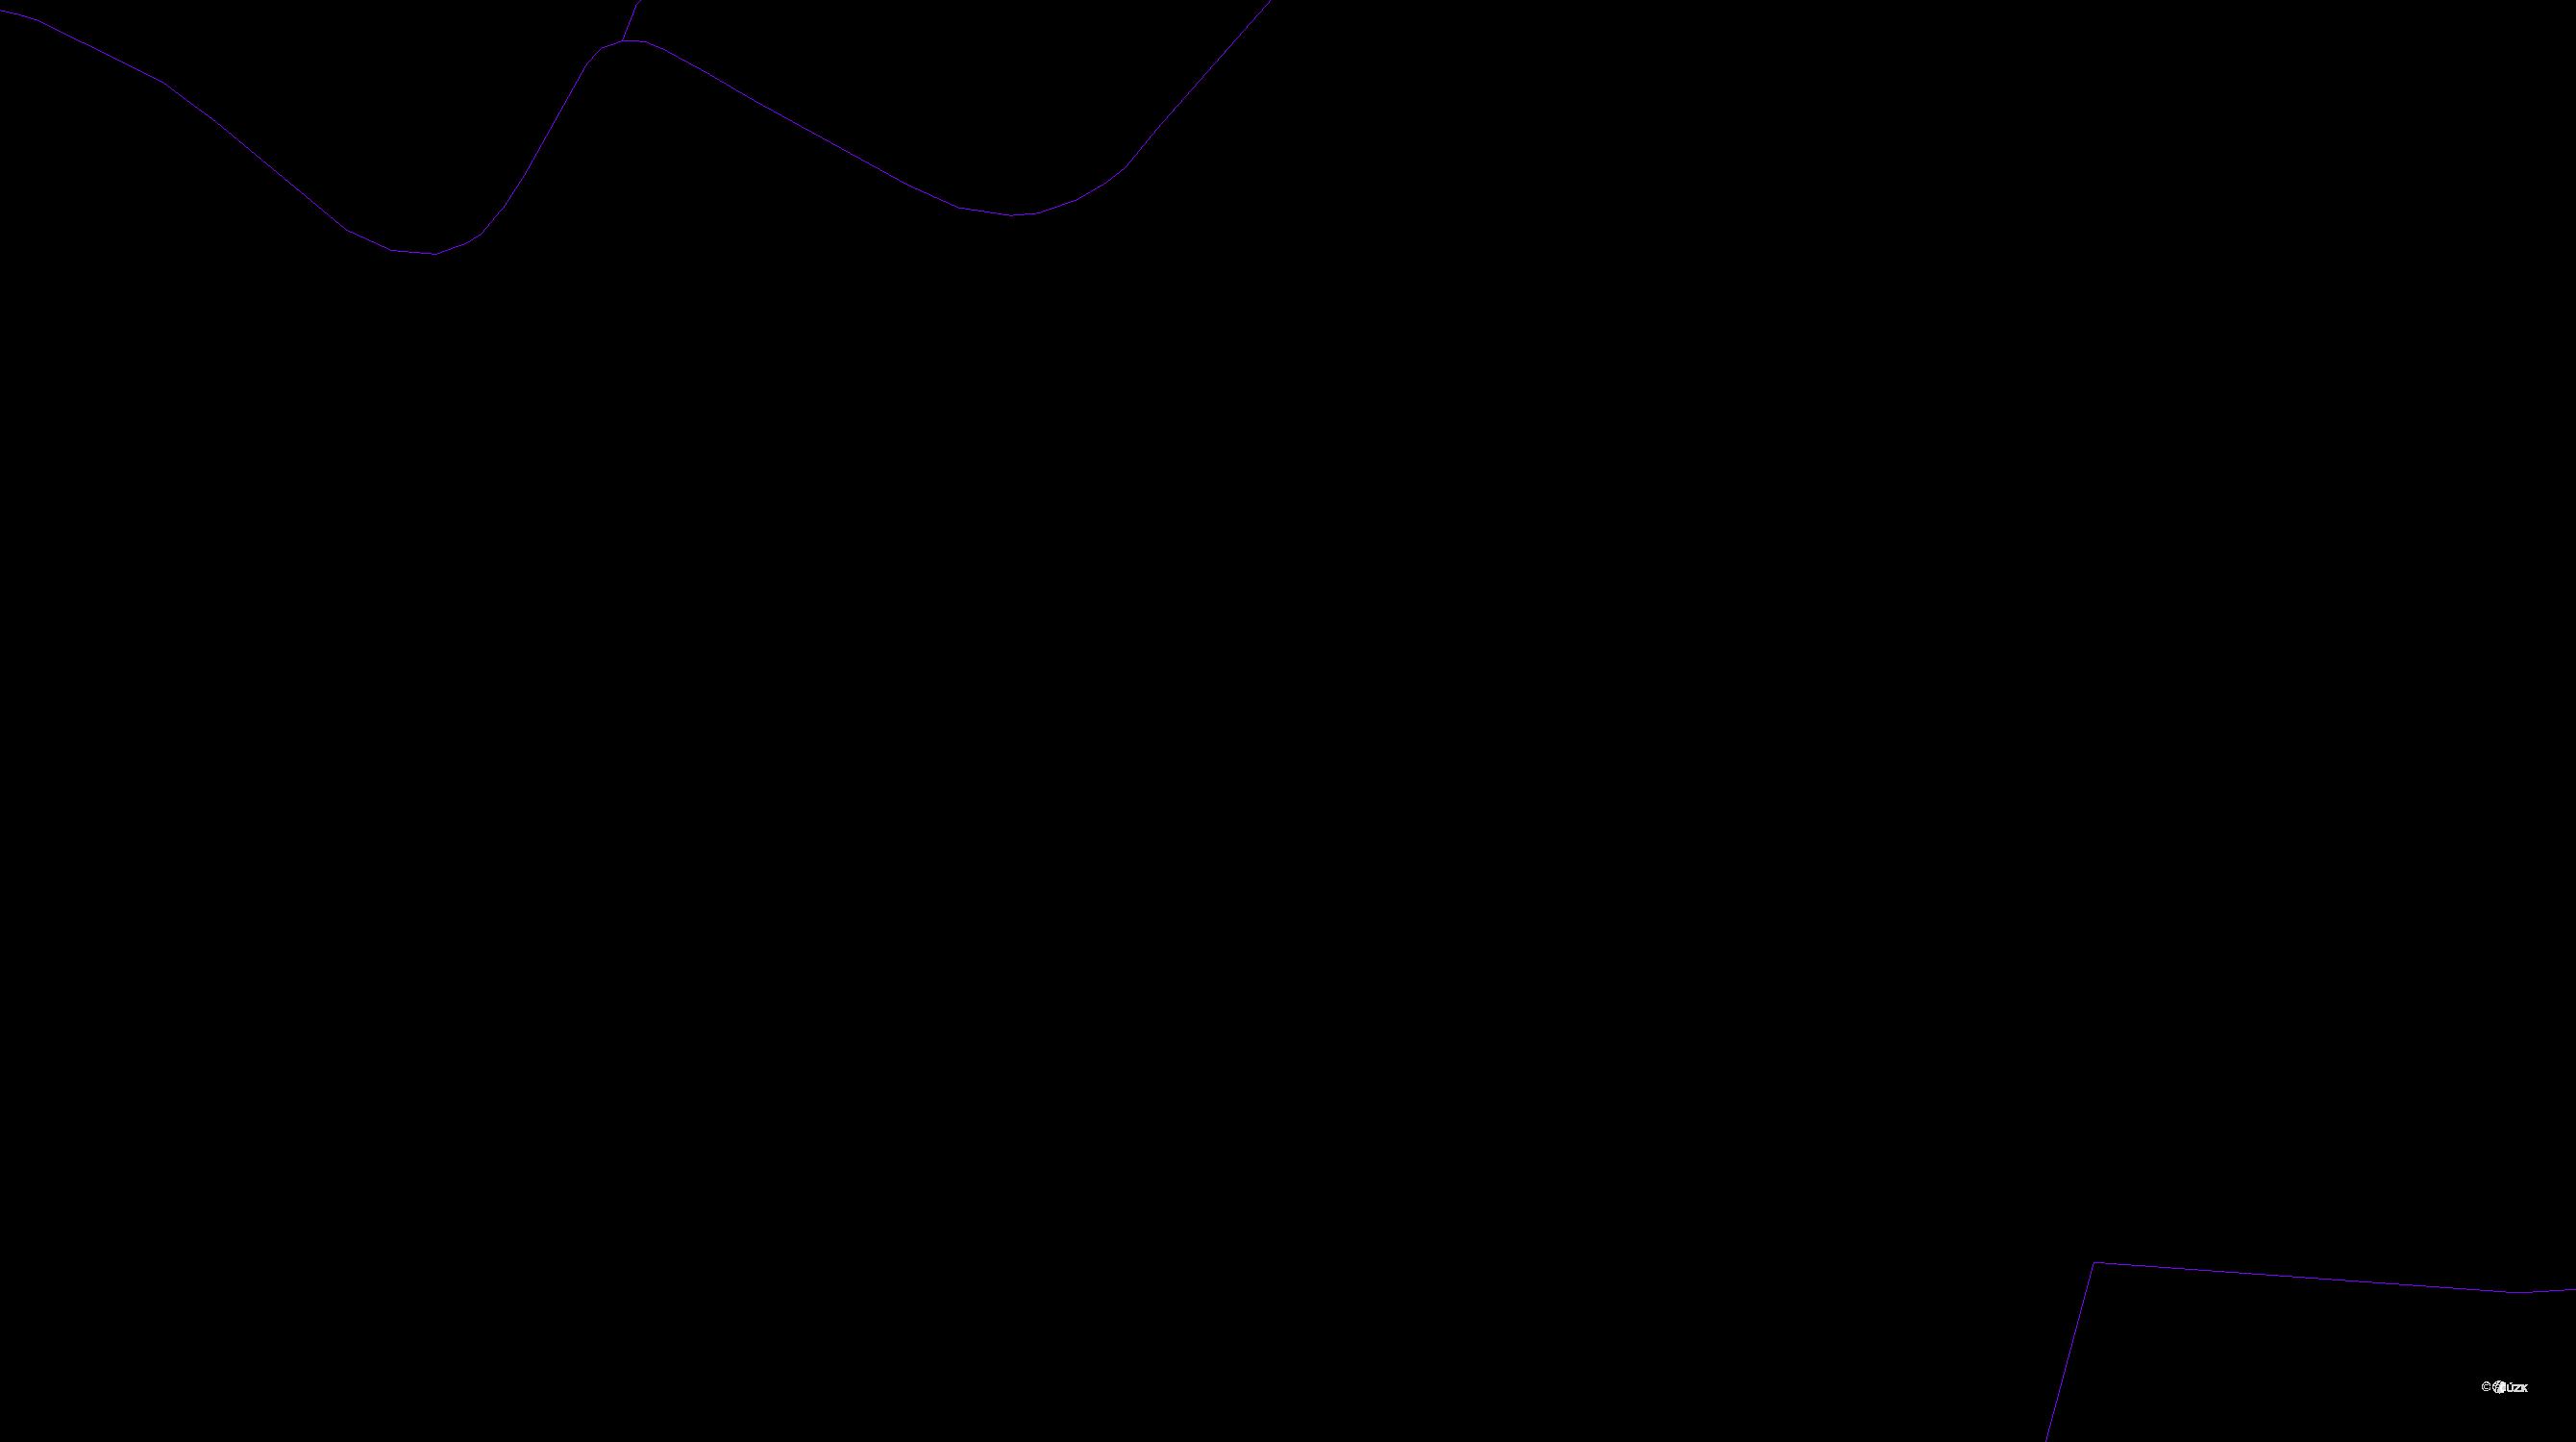 Katastrální mapa pozemků a čísla parcel Lukovna